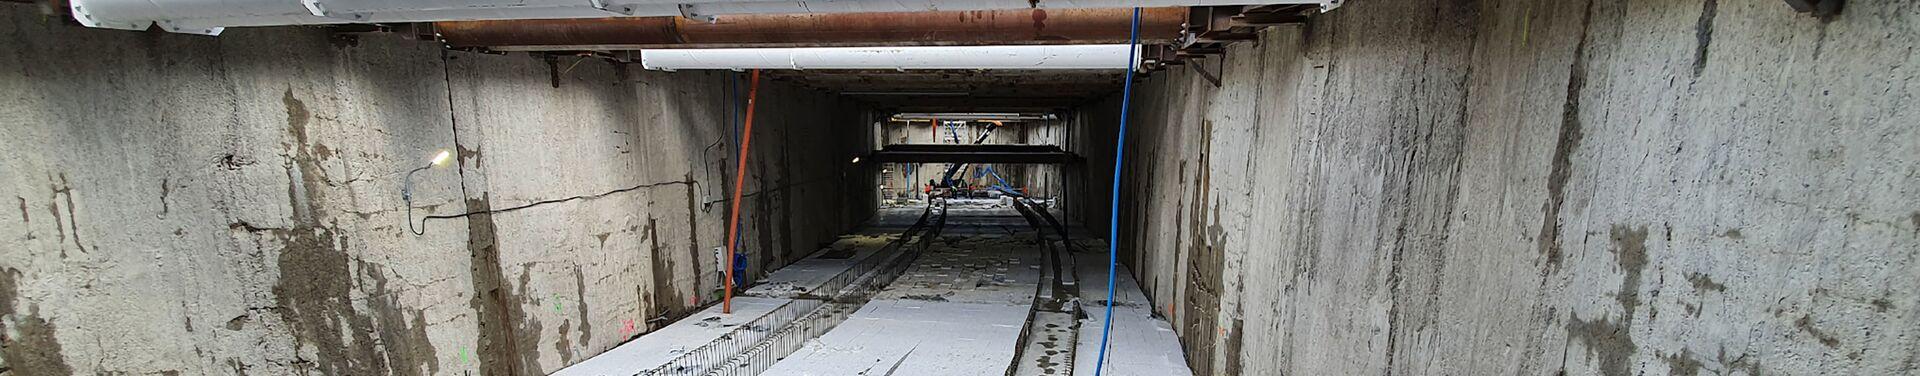 Zgrzytów z Niemcami nie będzie - przedstawiciel władz Świnoujścia komentuje budowę tunelu - Sputnik Polska, 1920, 14.03.2021